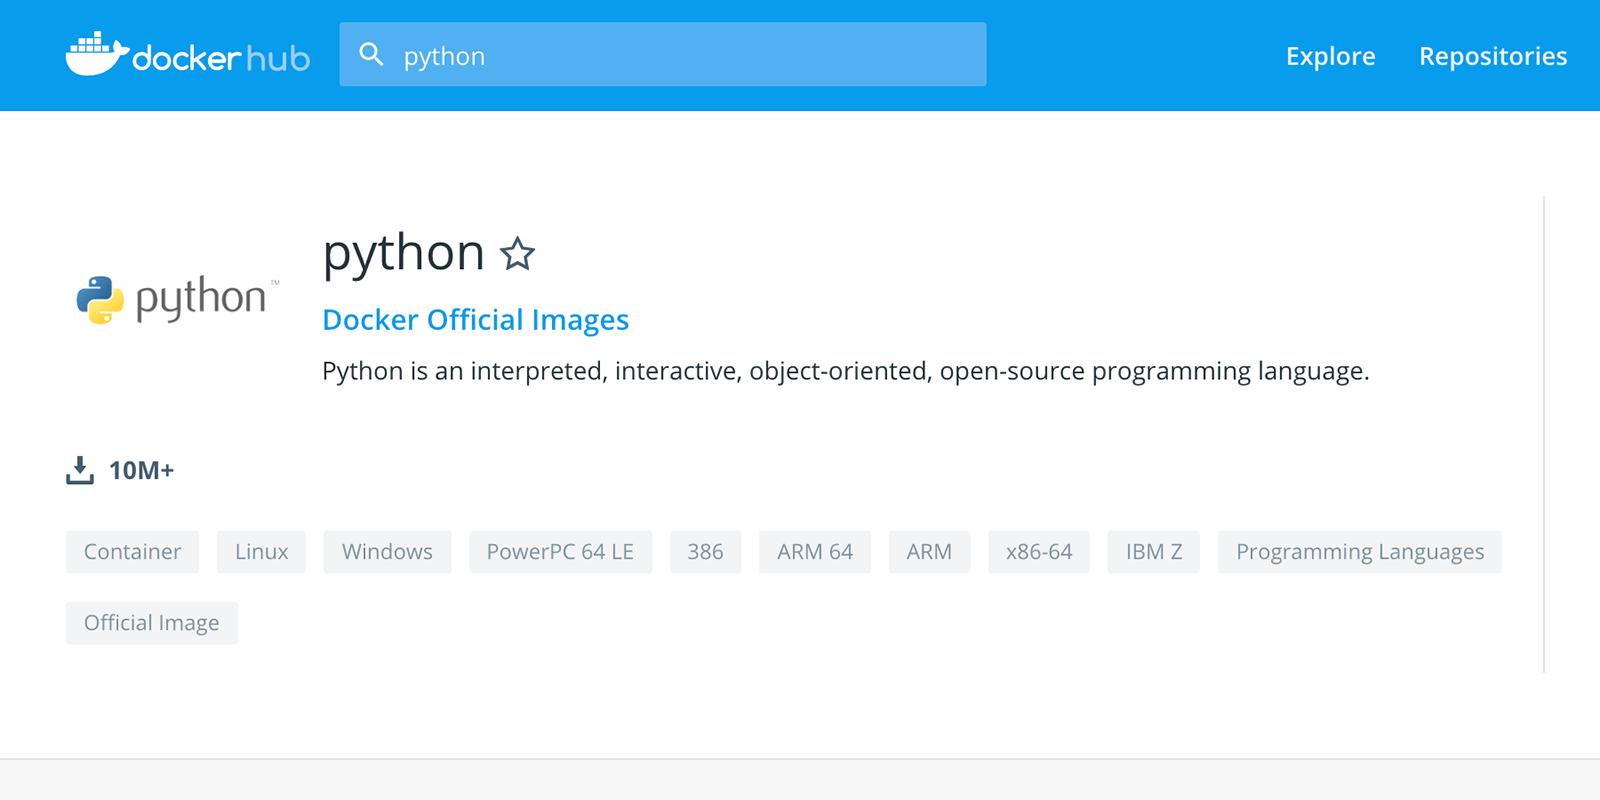 Pythonのコンテナイメージのページ